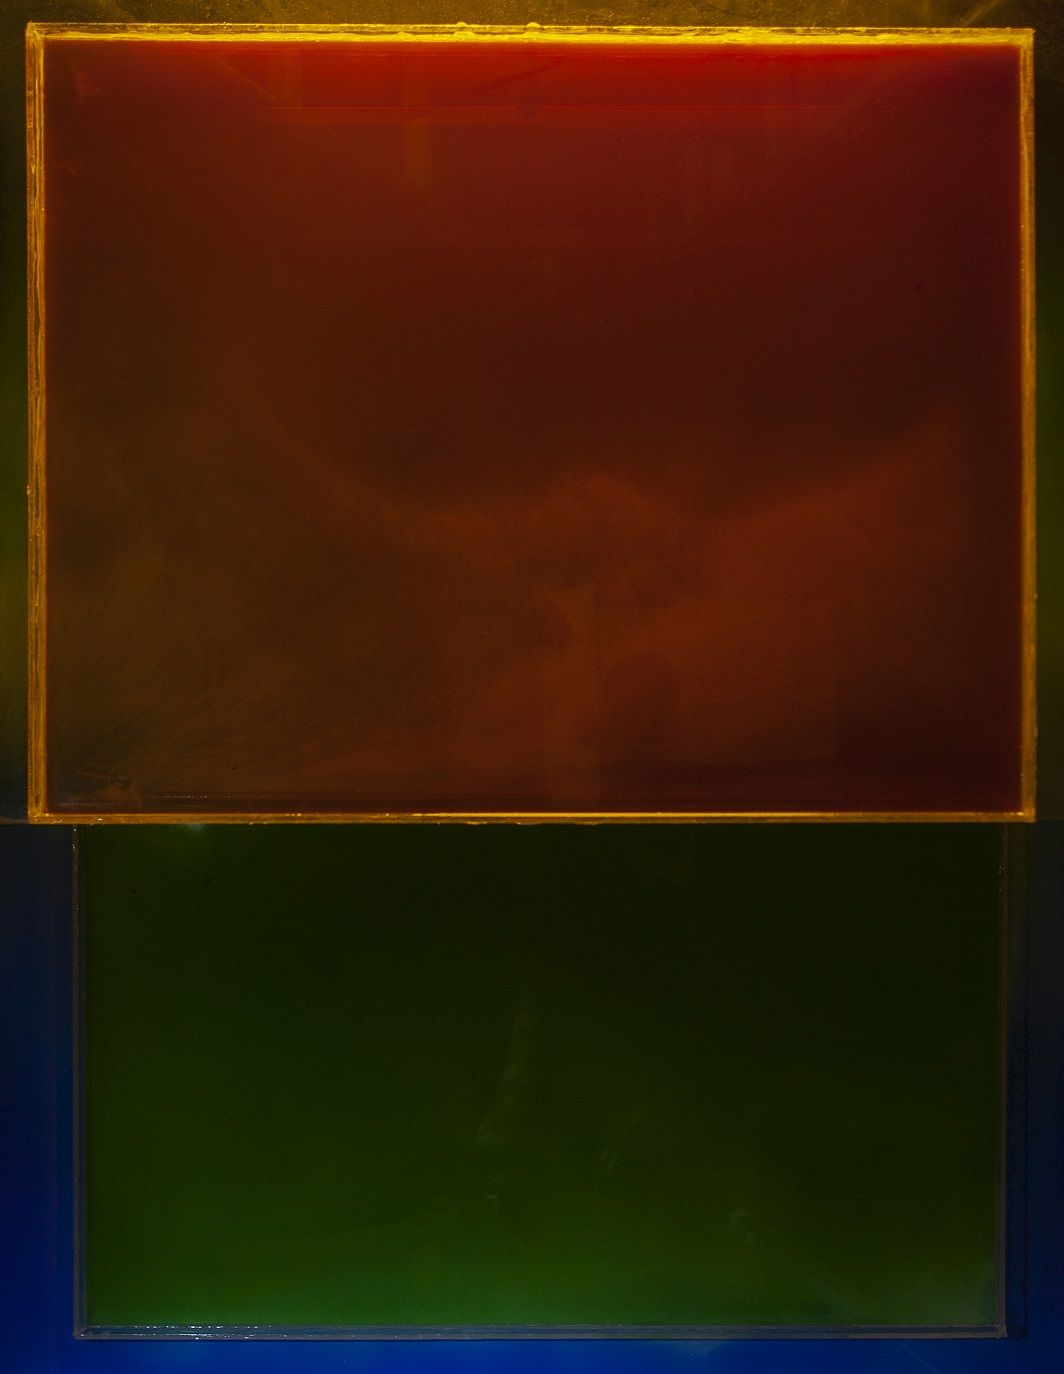 Obra de arte en rojo y verde